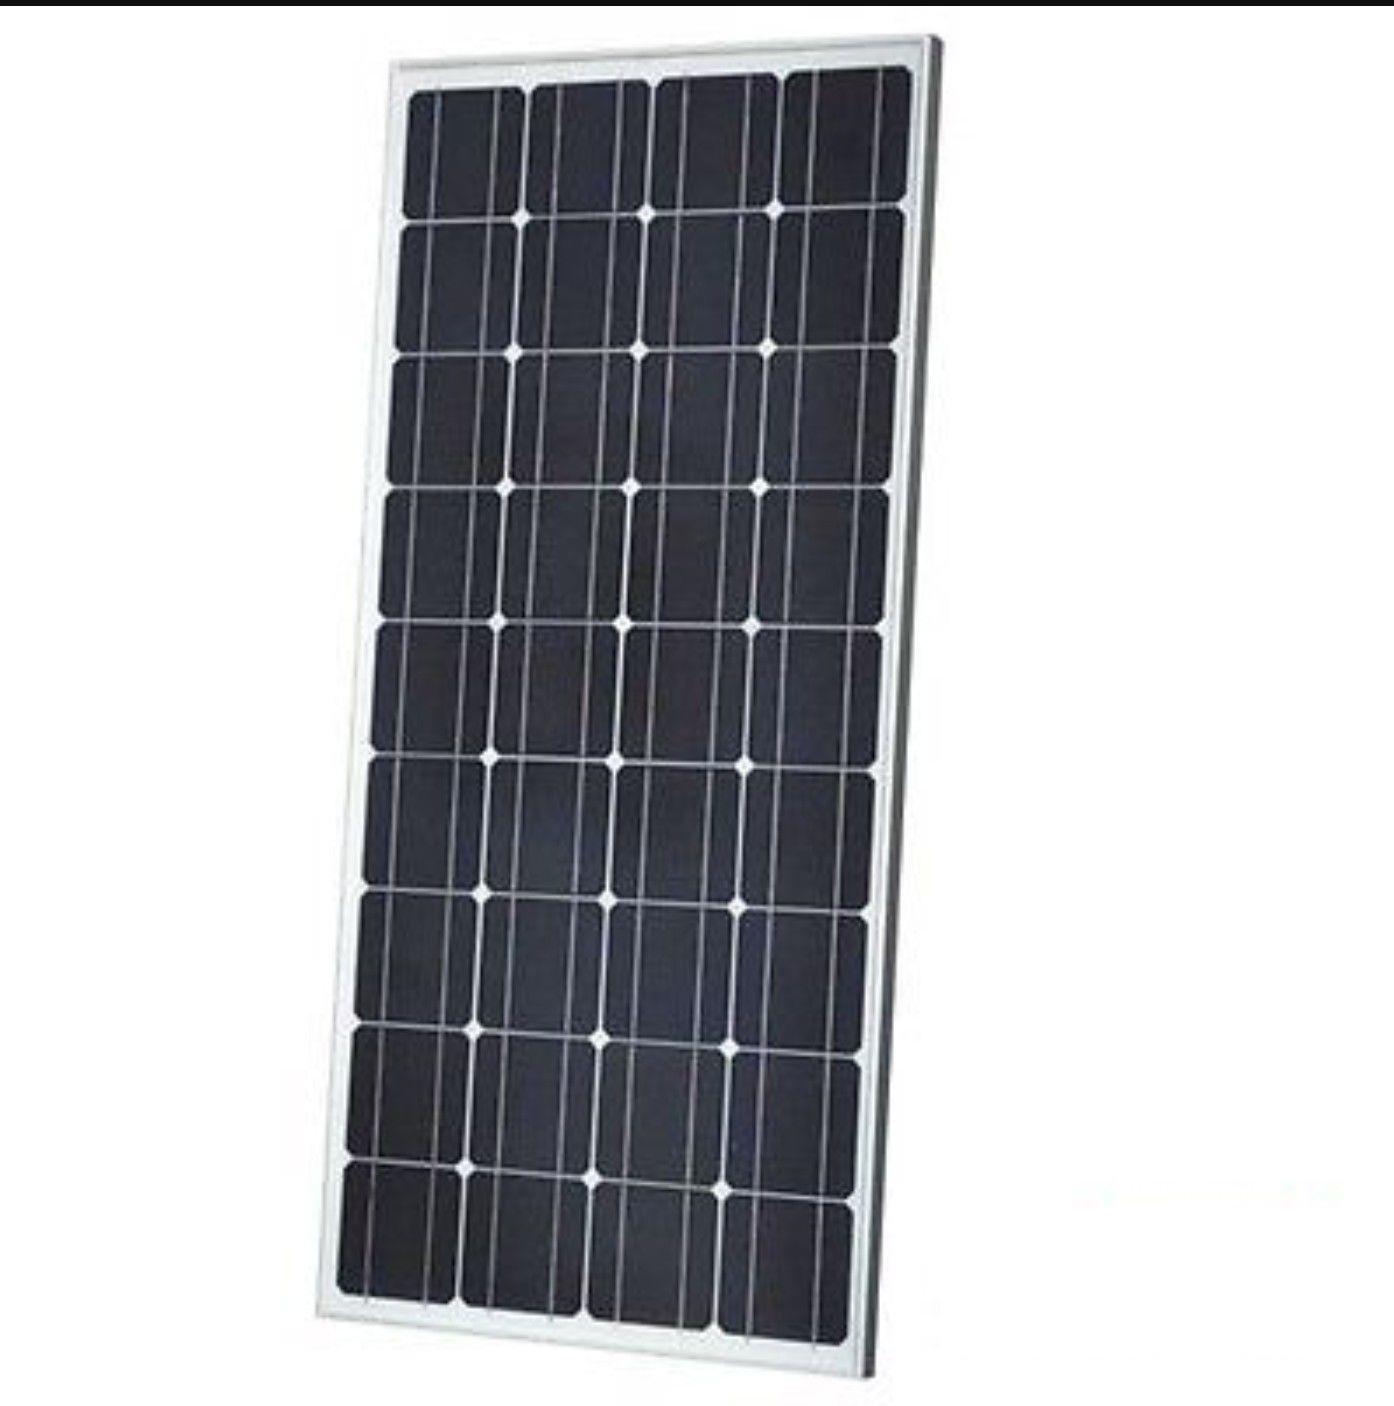 SUNSHINE 130 WATTS MONOCRYSTALLINE SOLAR PANEL